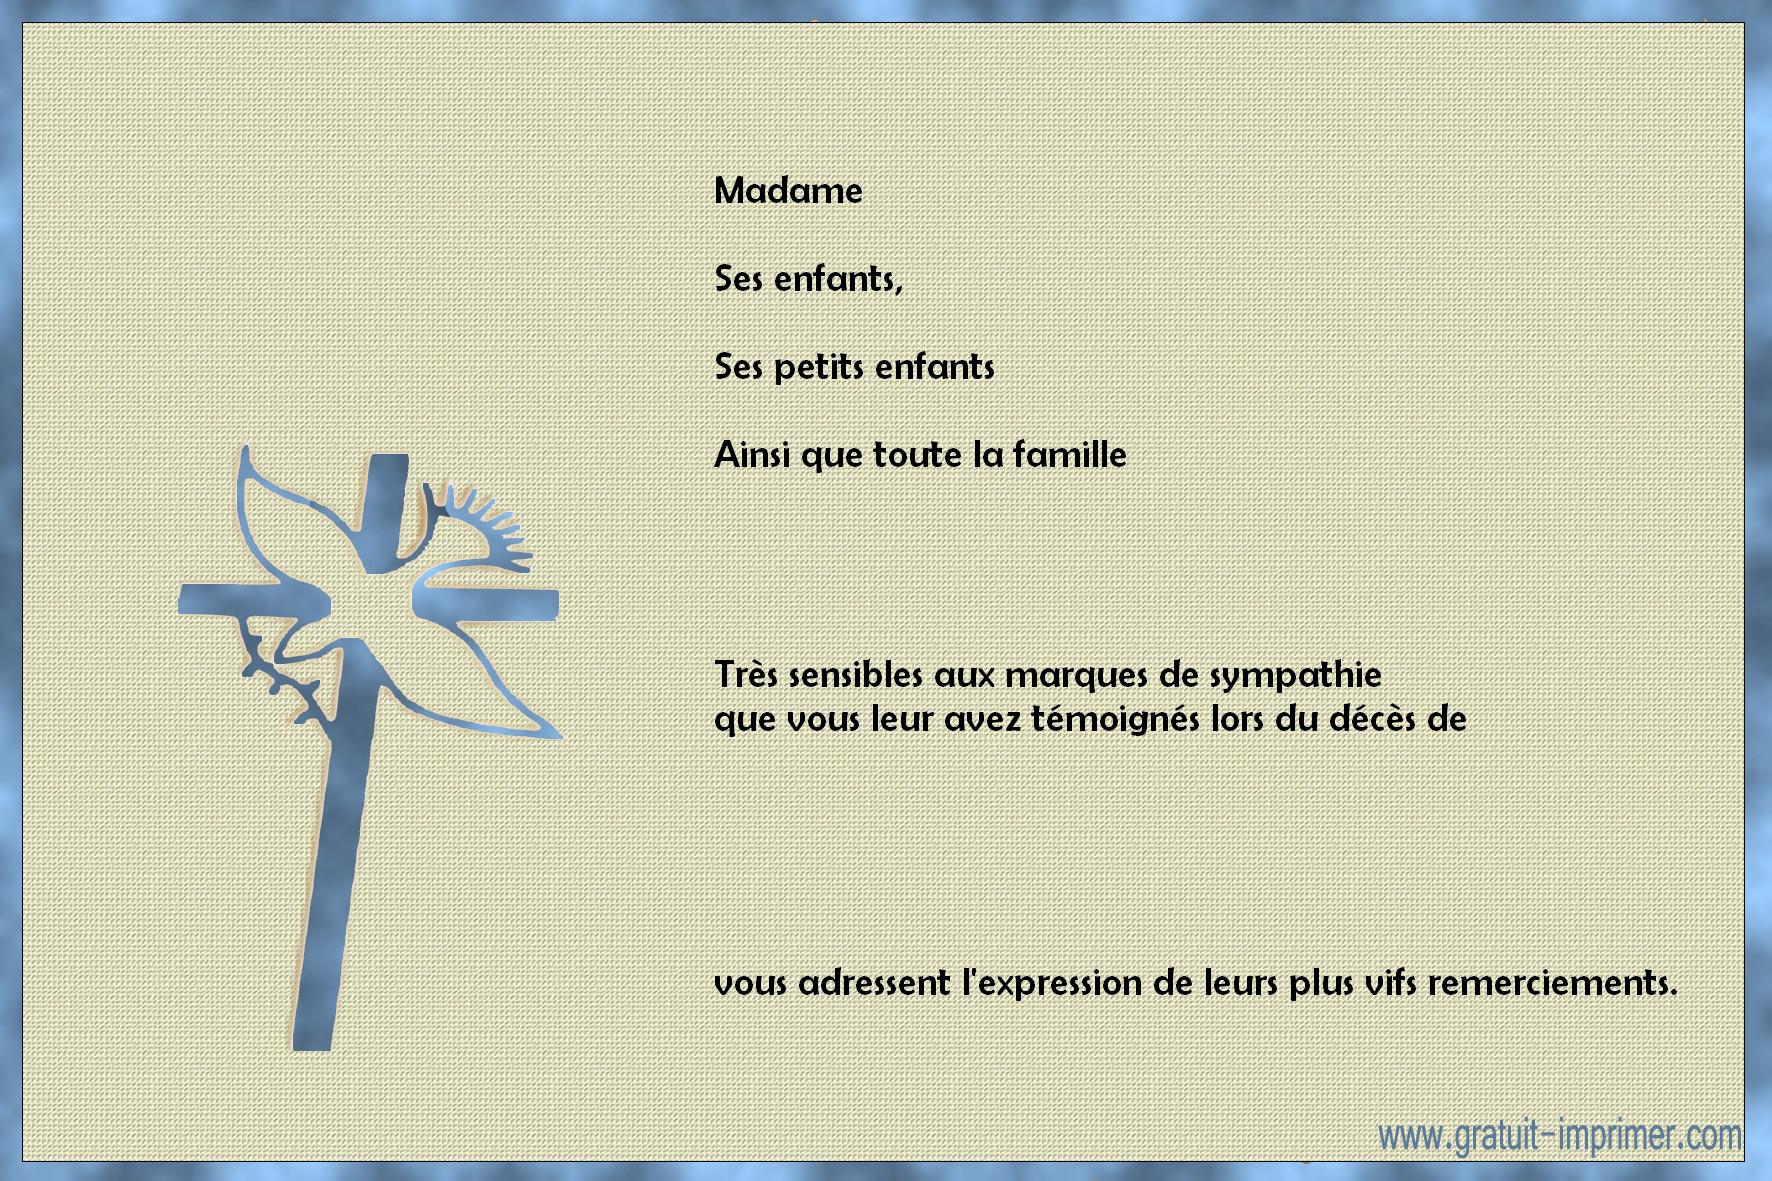 Fabuleux Message de condoléances Archives - Page 8 sur 25 - Modèle de lettre OV62